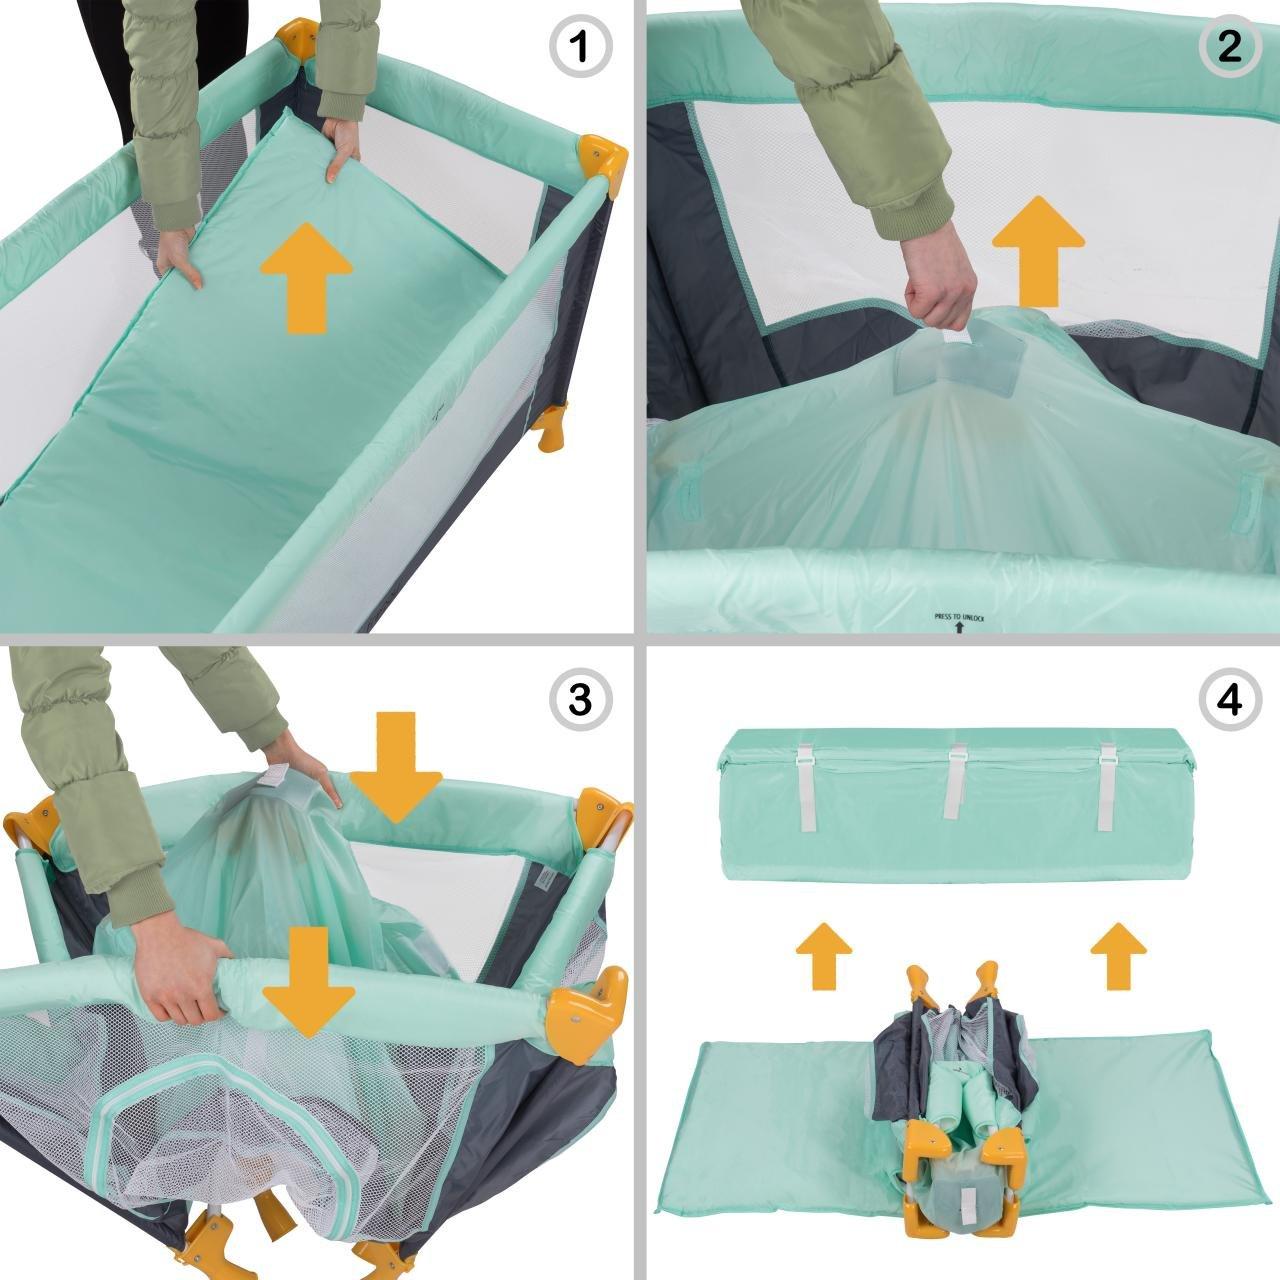 Froggy® Reisebett SAFARI Babybett Laufstall Laufstall Laufstall mit Schlafunterlage, Matratze, praktische Transporttasche, kompakt, 125 x 66 x 76 cm 116a3d